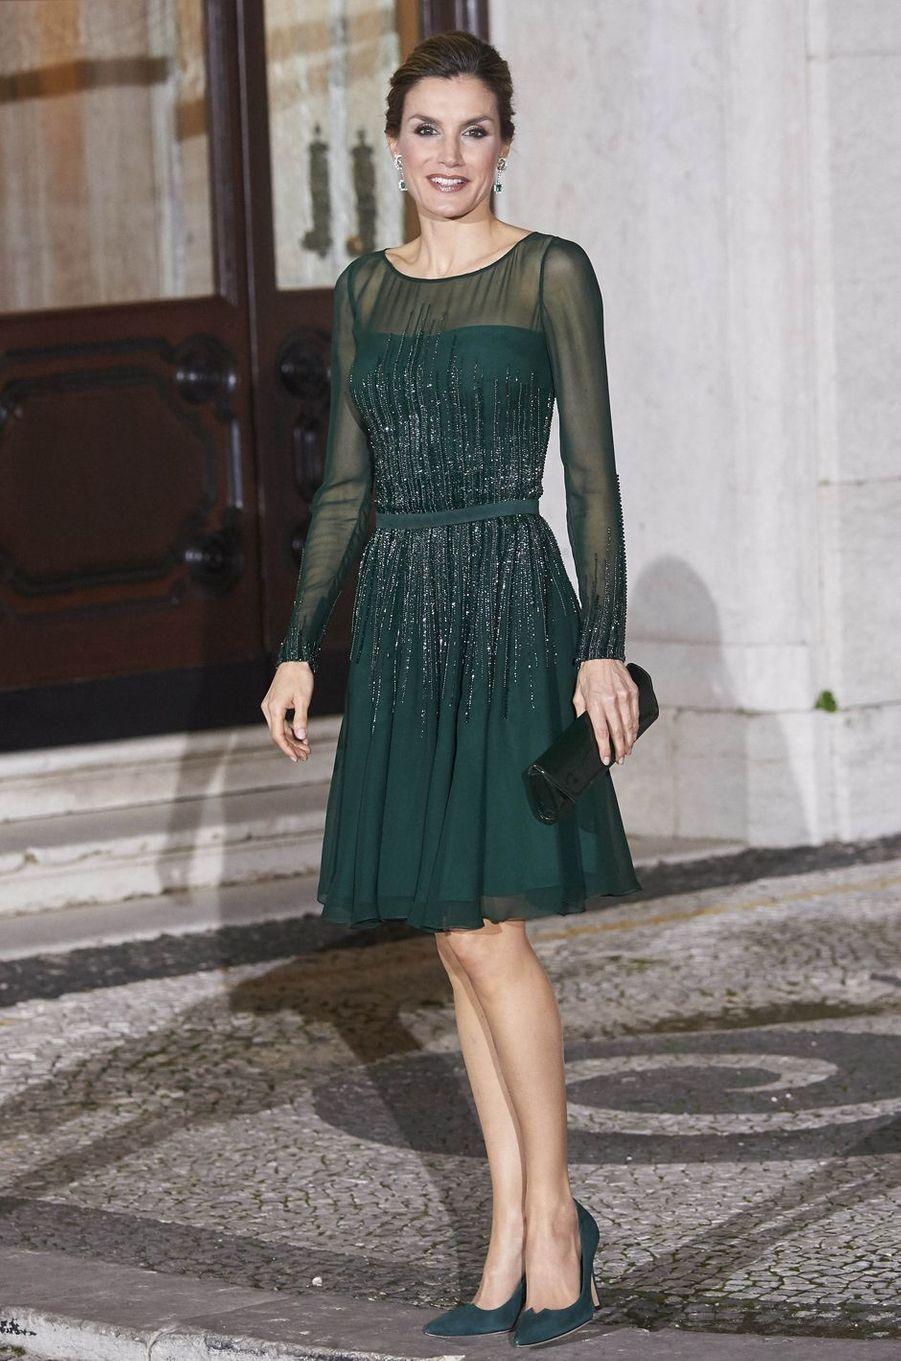 La plus glamour - Ambassadrice de charme de son pays aux côtés de son royal époux, la reine Letizia d'Espagne rayonnait ce mardi 29 novembre à Porto puis à Lisbonne.